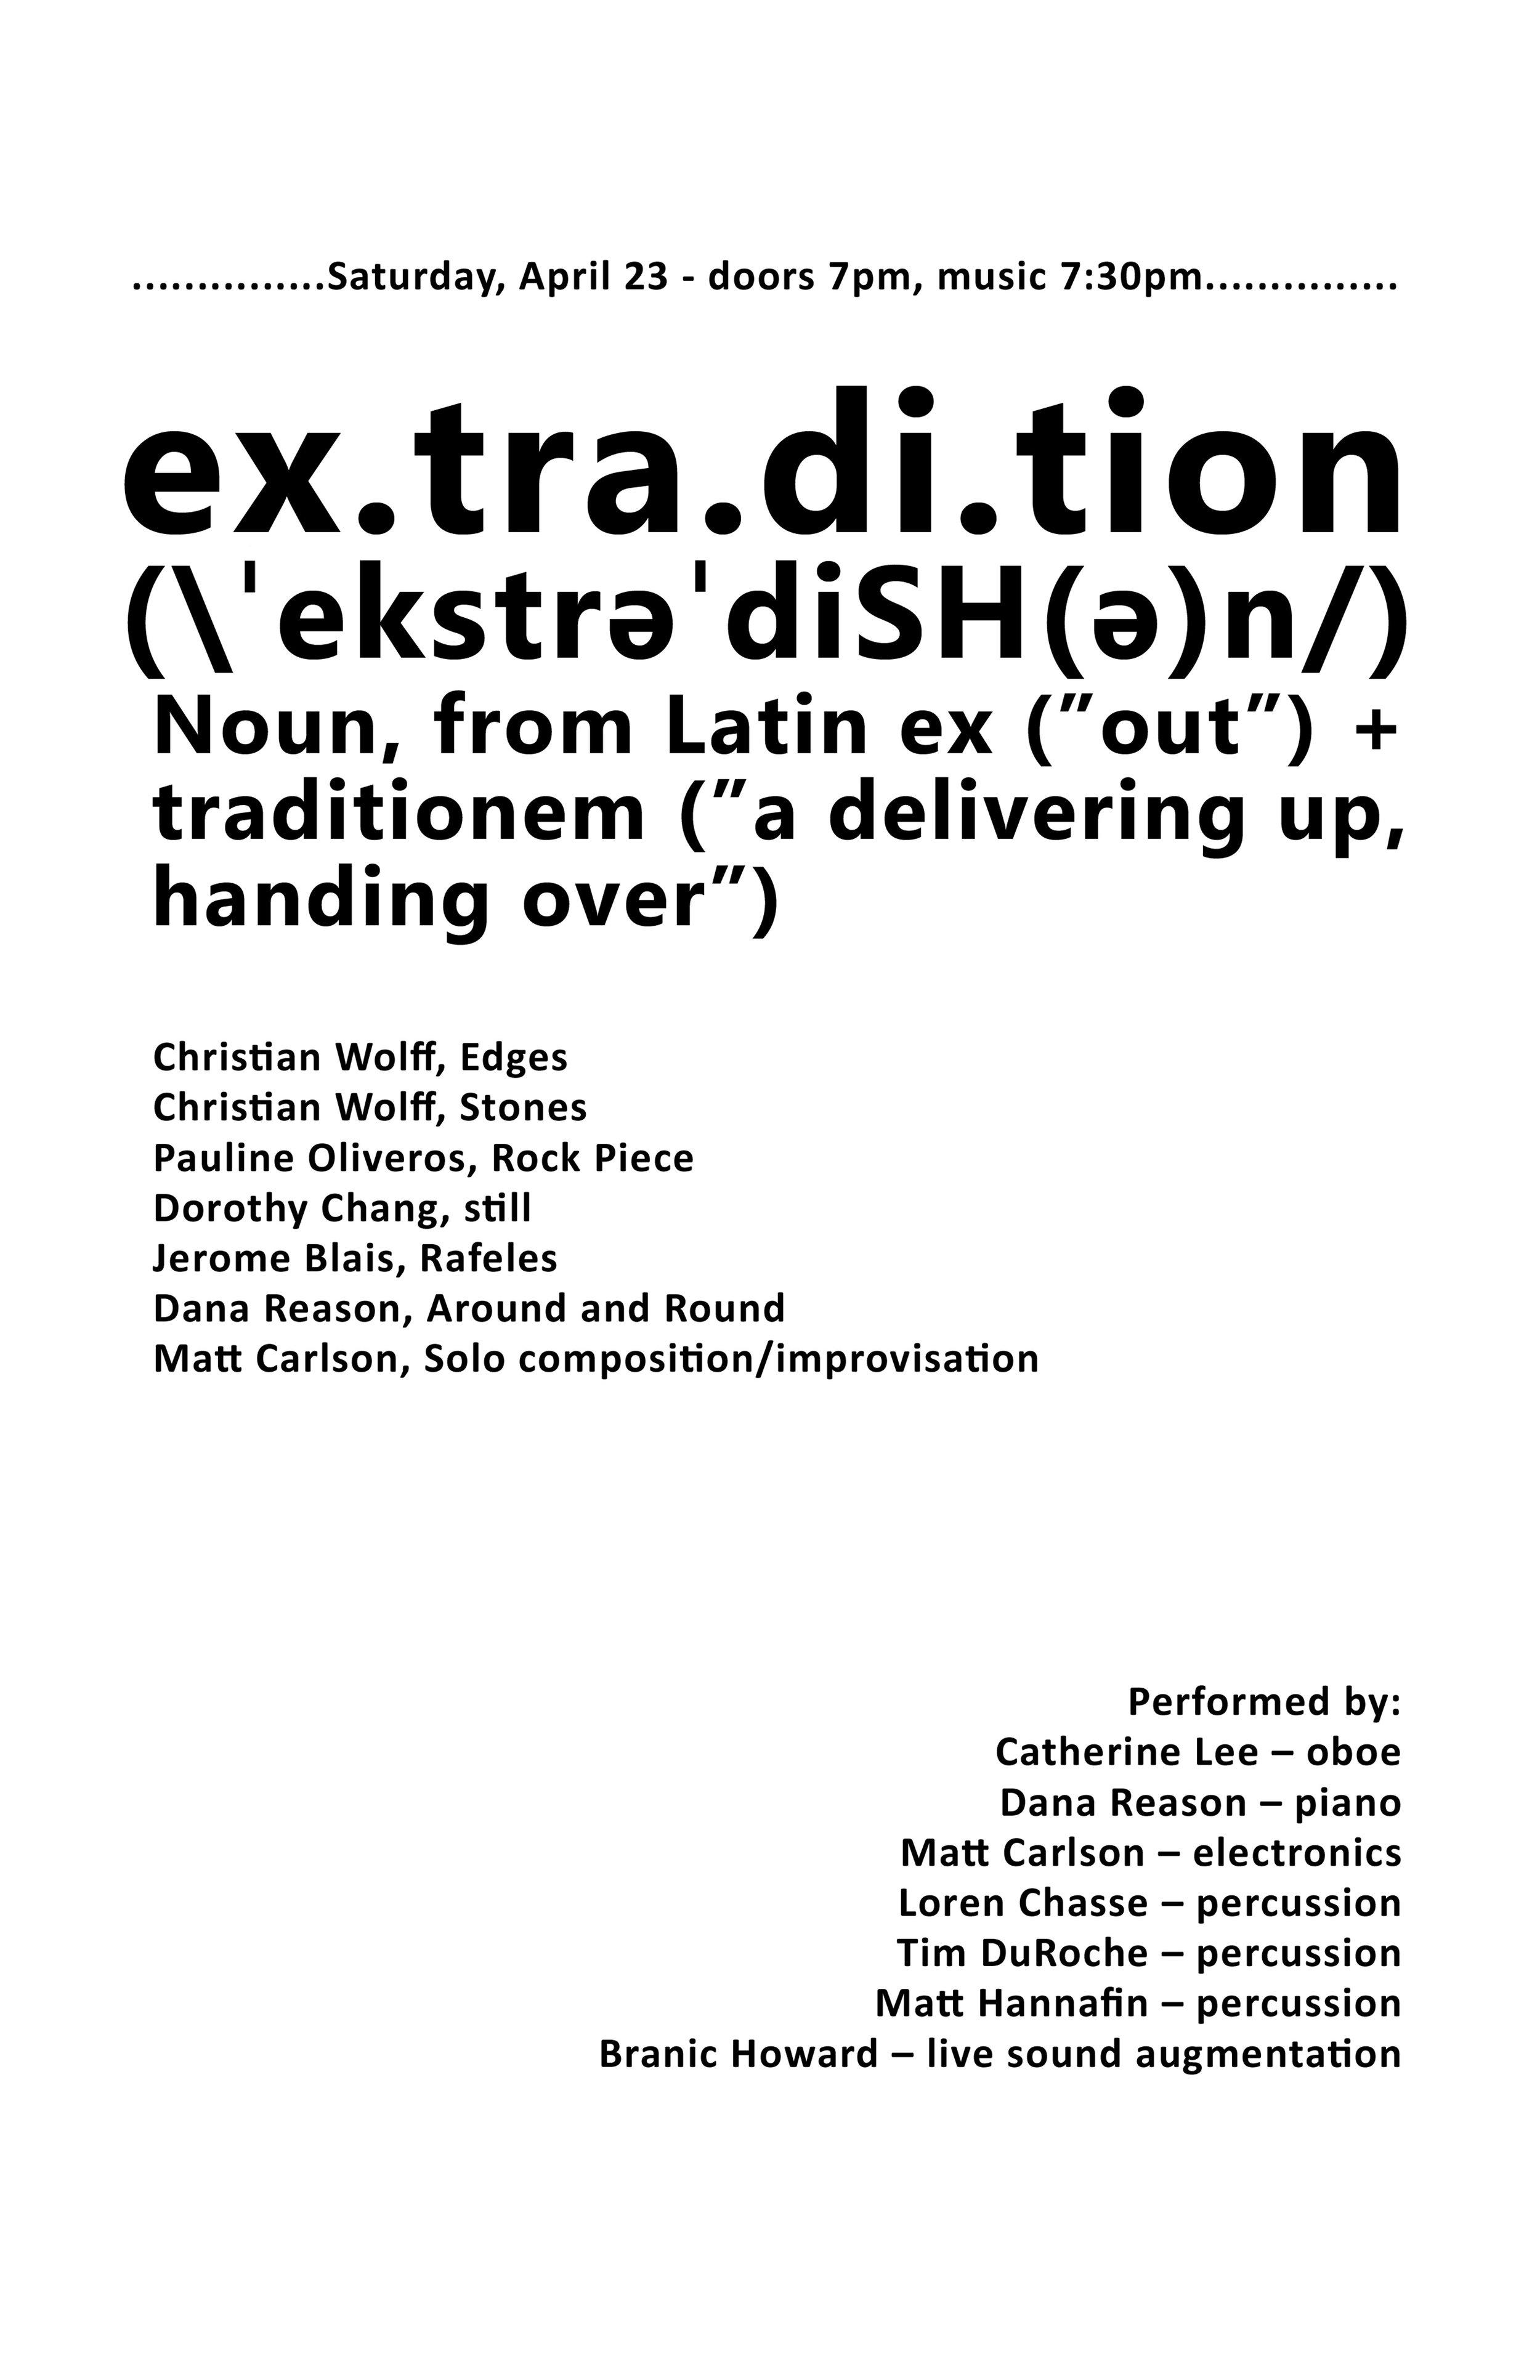 Extradition door poster - 2016-04-22.jpg